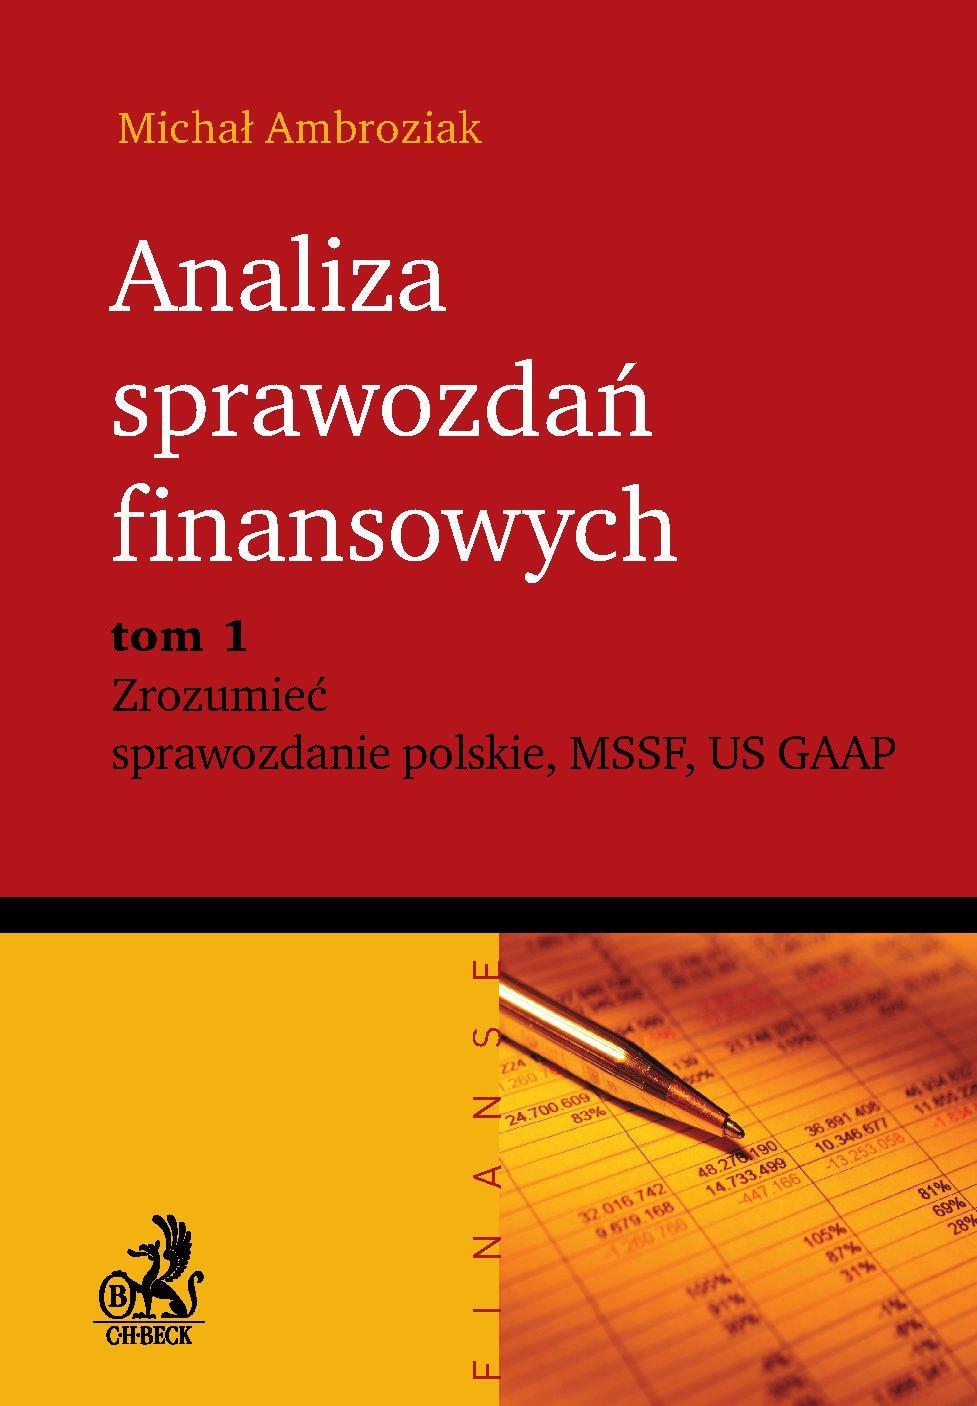 Analiza sprawozdań finansowych. Zrozumieć sprawozdanie polskie, MSSF, US GAAP. Tom 1 - Ebook (Książka PDF) do pobrania w formacie PDF